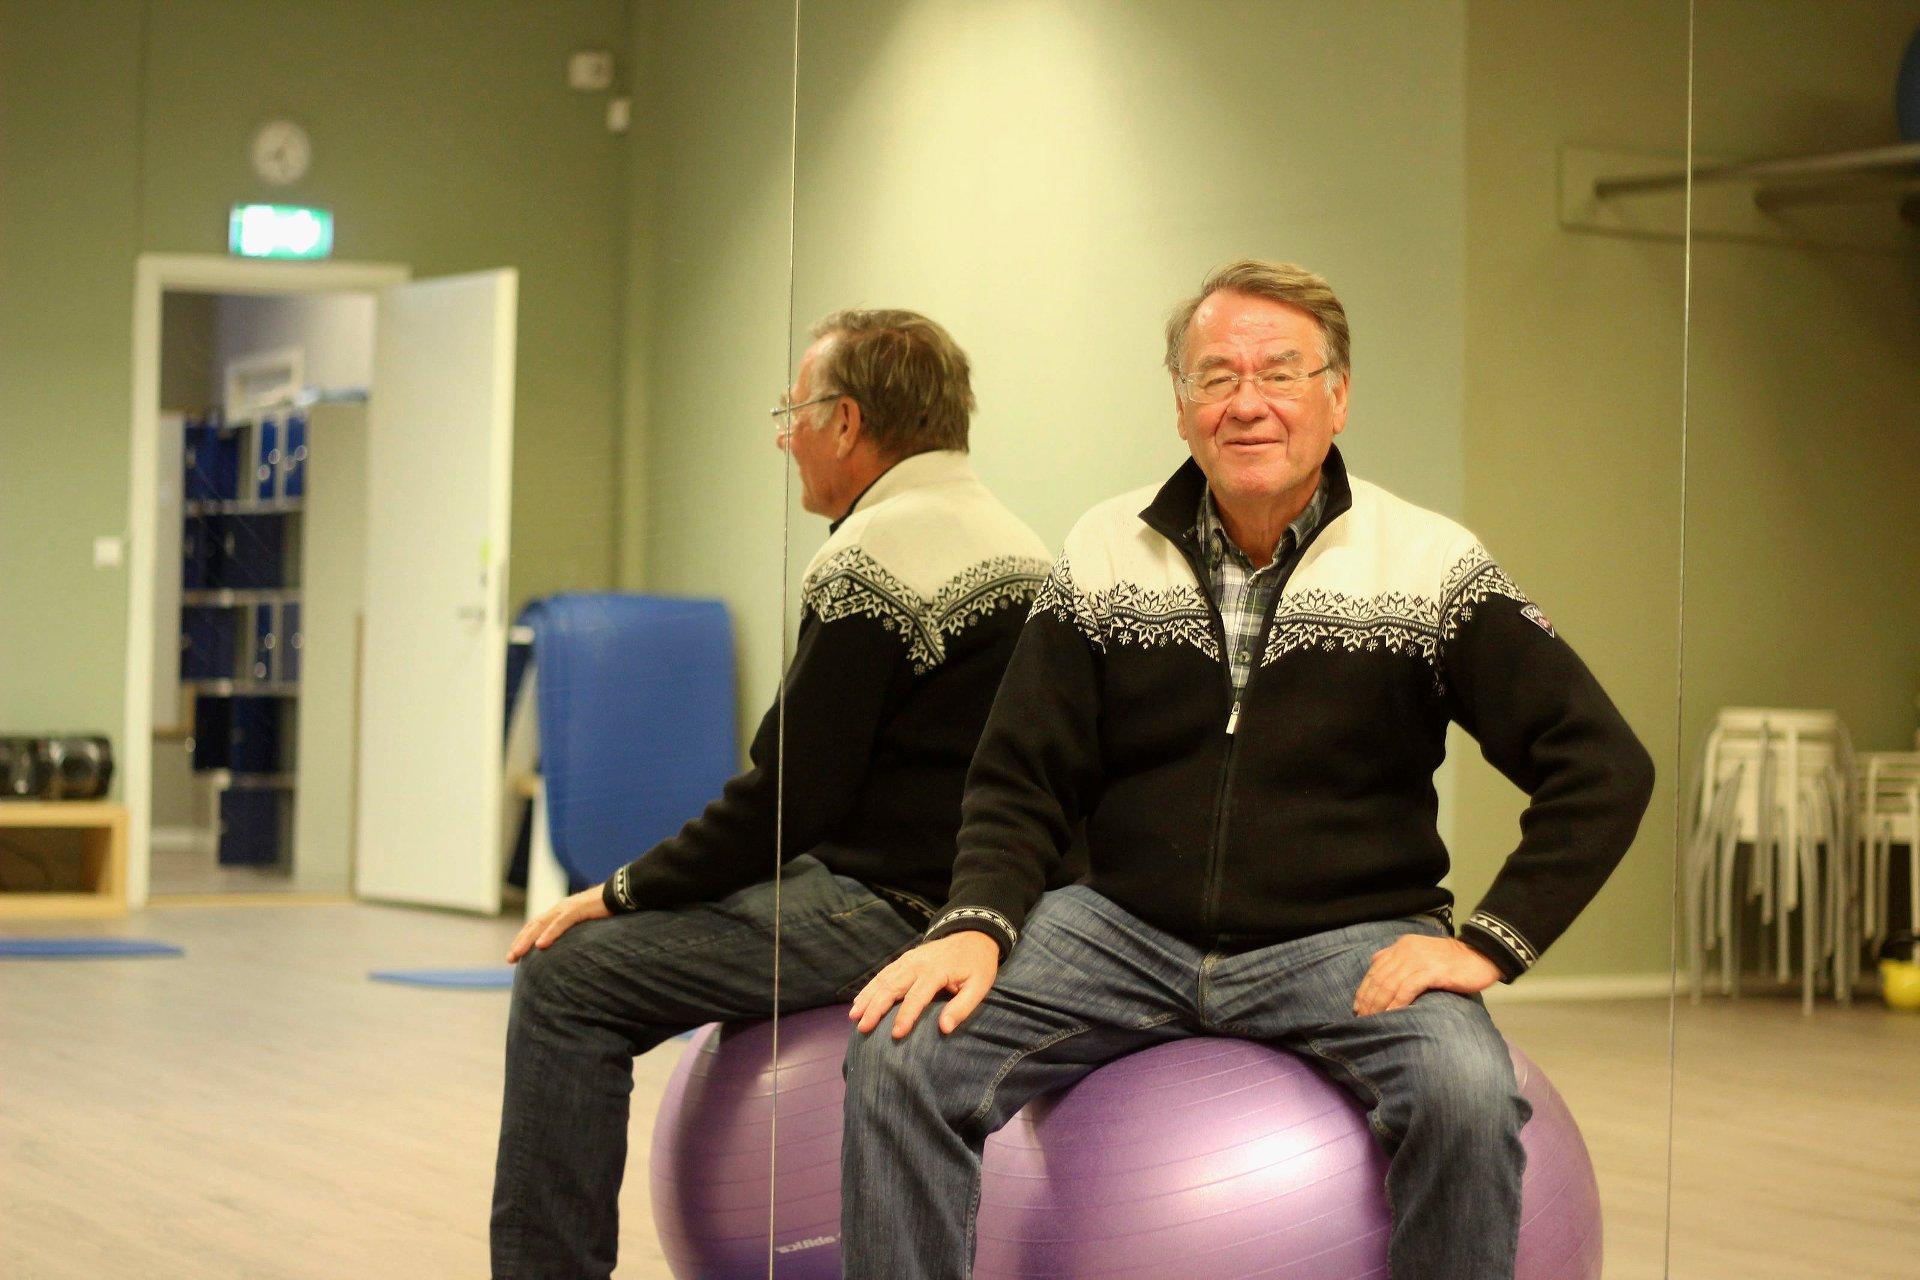 RETT FRA PENSJONIST TIL Å BLI SYK: Måneden etter Bjørn Nymoen gikk av med pensjon ble han diagnostisert med prostatakreft.